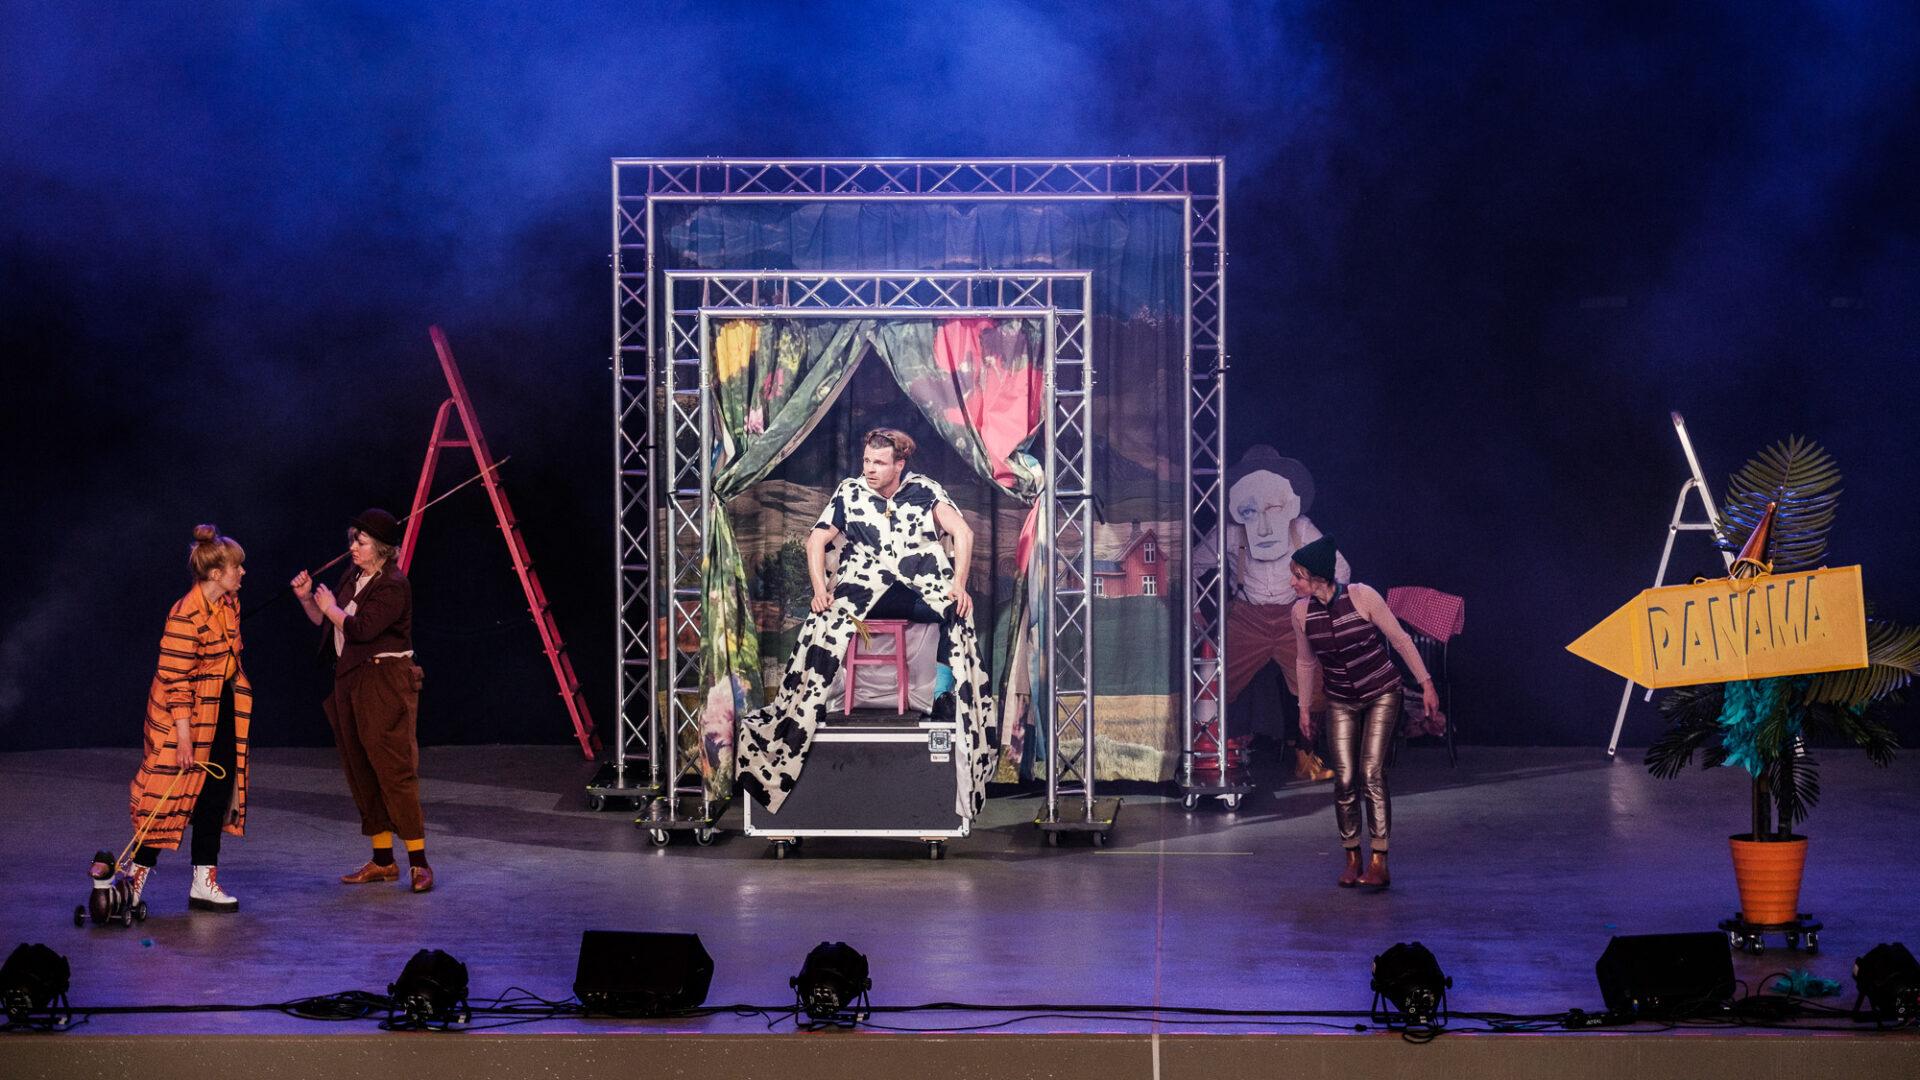 Na zdjęciu widoczny jest scena teatralna. W centralnej części sceny bohater Krowa. Po lewej - bohaterowie - Tygrys i Miś. Po prawej stronie bohater - Kaczka.